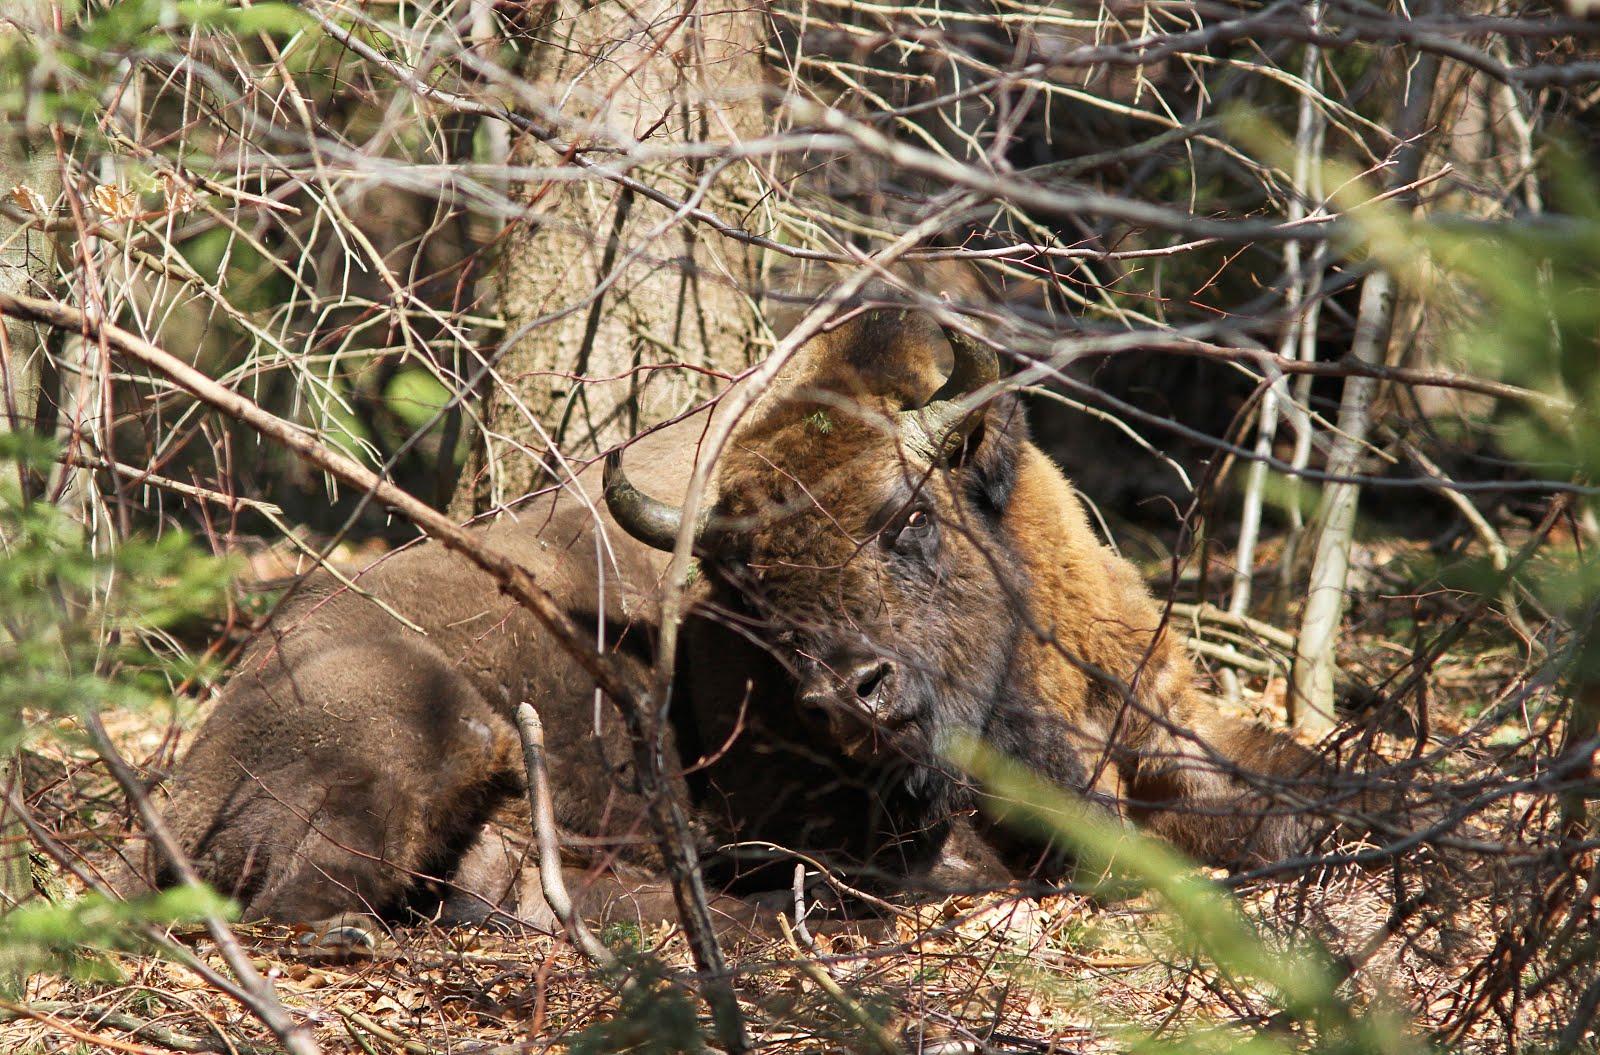 Eurasian Bison